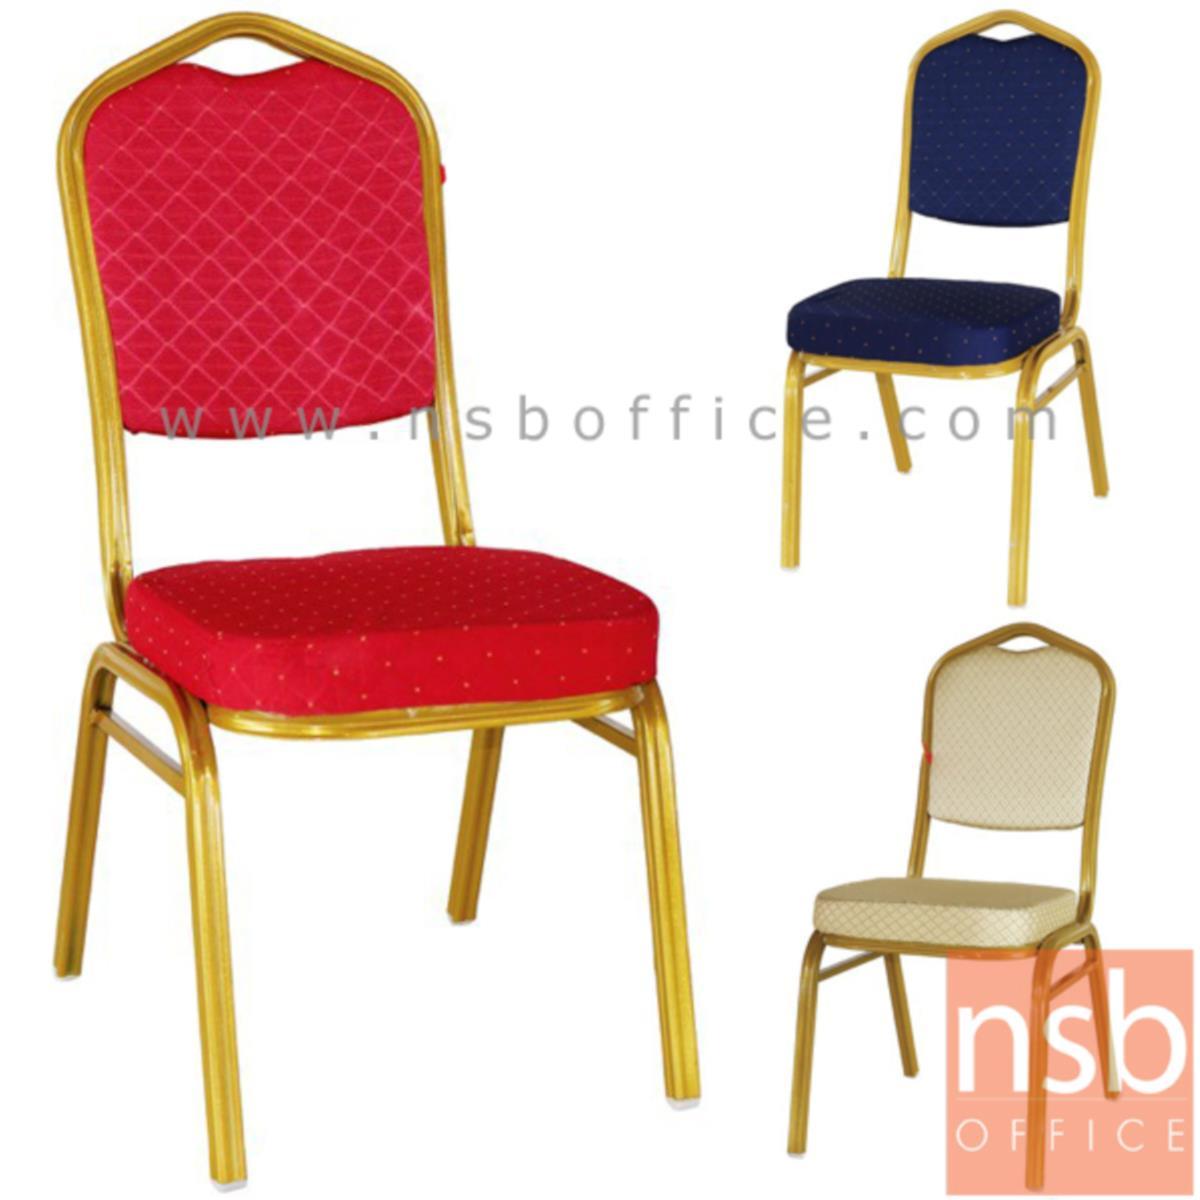 B08A062:เก้าอี้อเนกประสงค์จัดเลี้ยง รุ่น Joscelyn (โจสเซลิน)  ขาเหล็กเหลี่ยมพ่นสีทอง